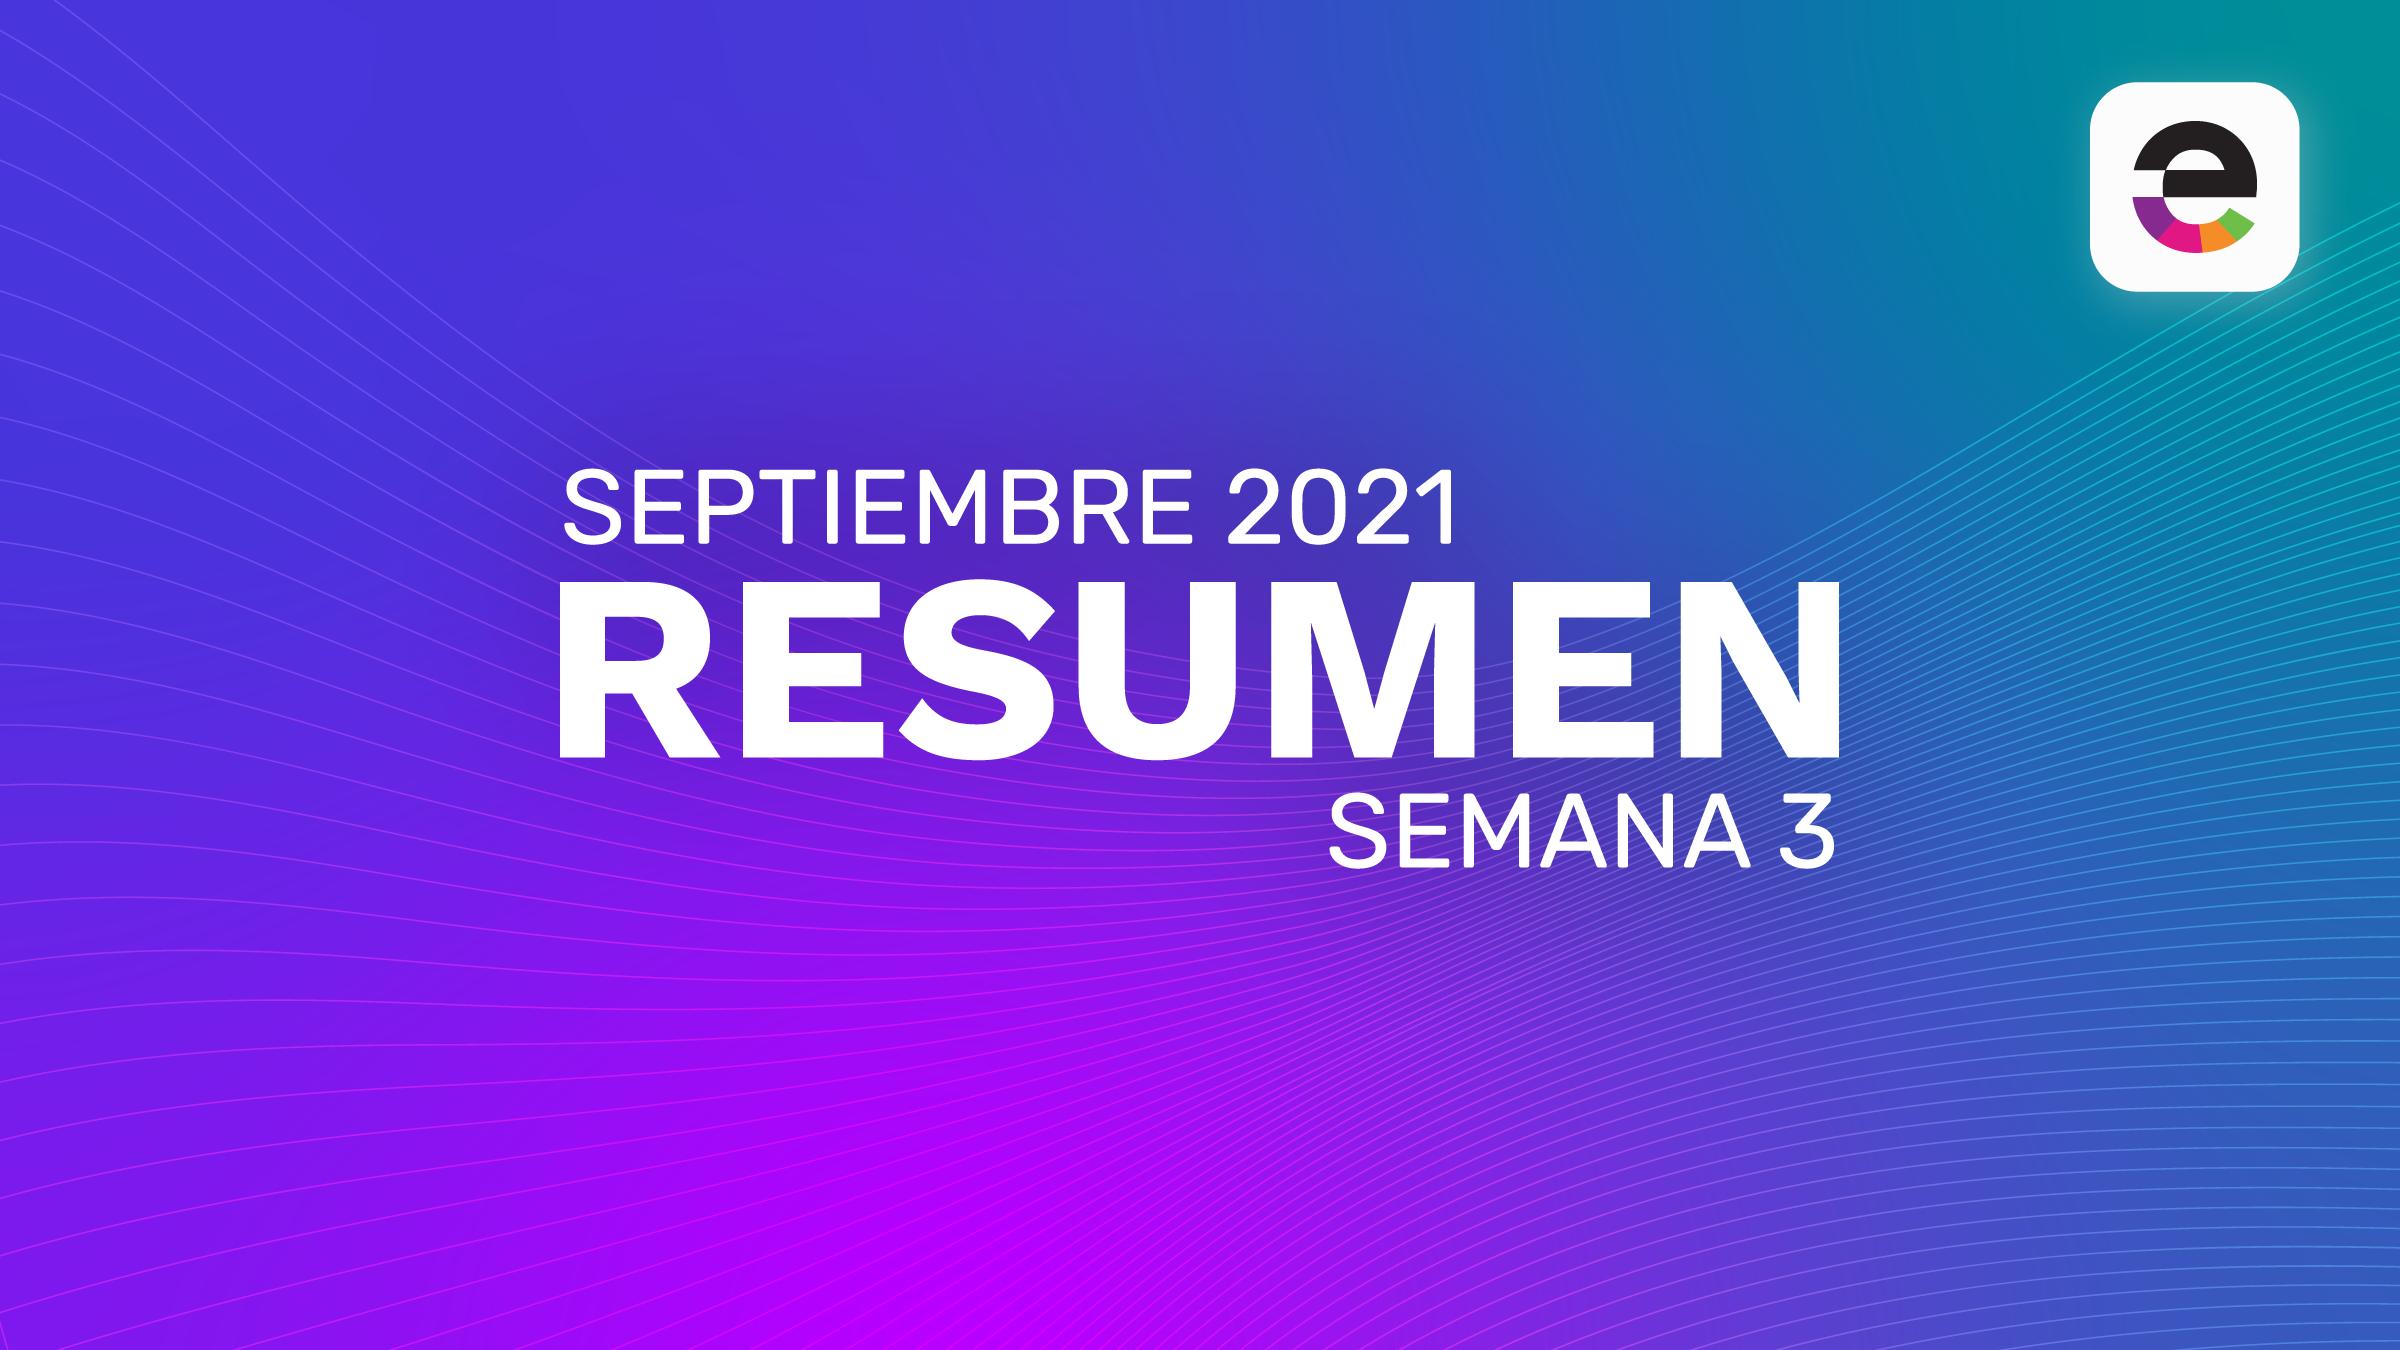 Resumen Septiembre 2021: Semana 3